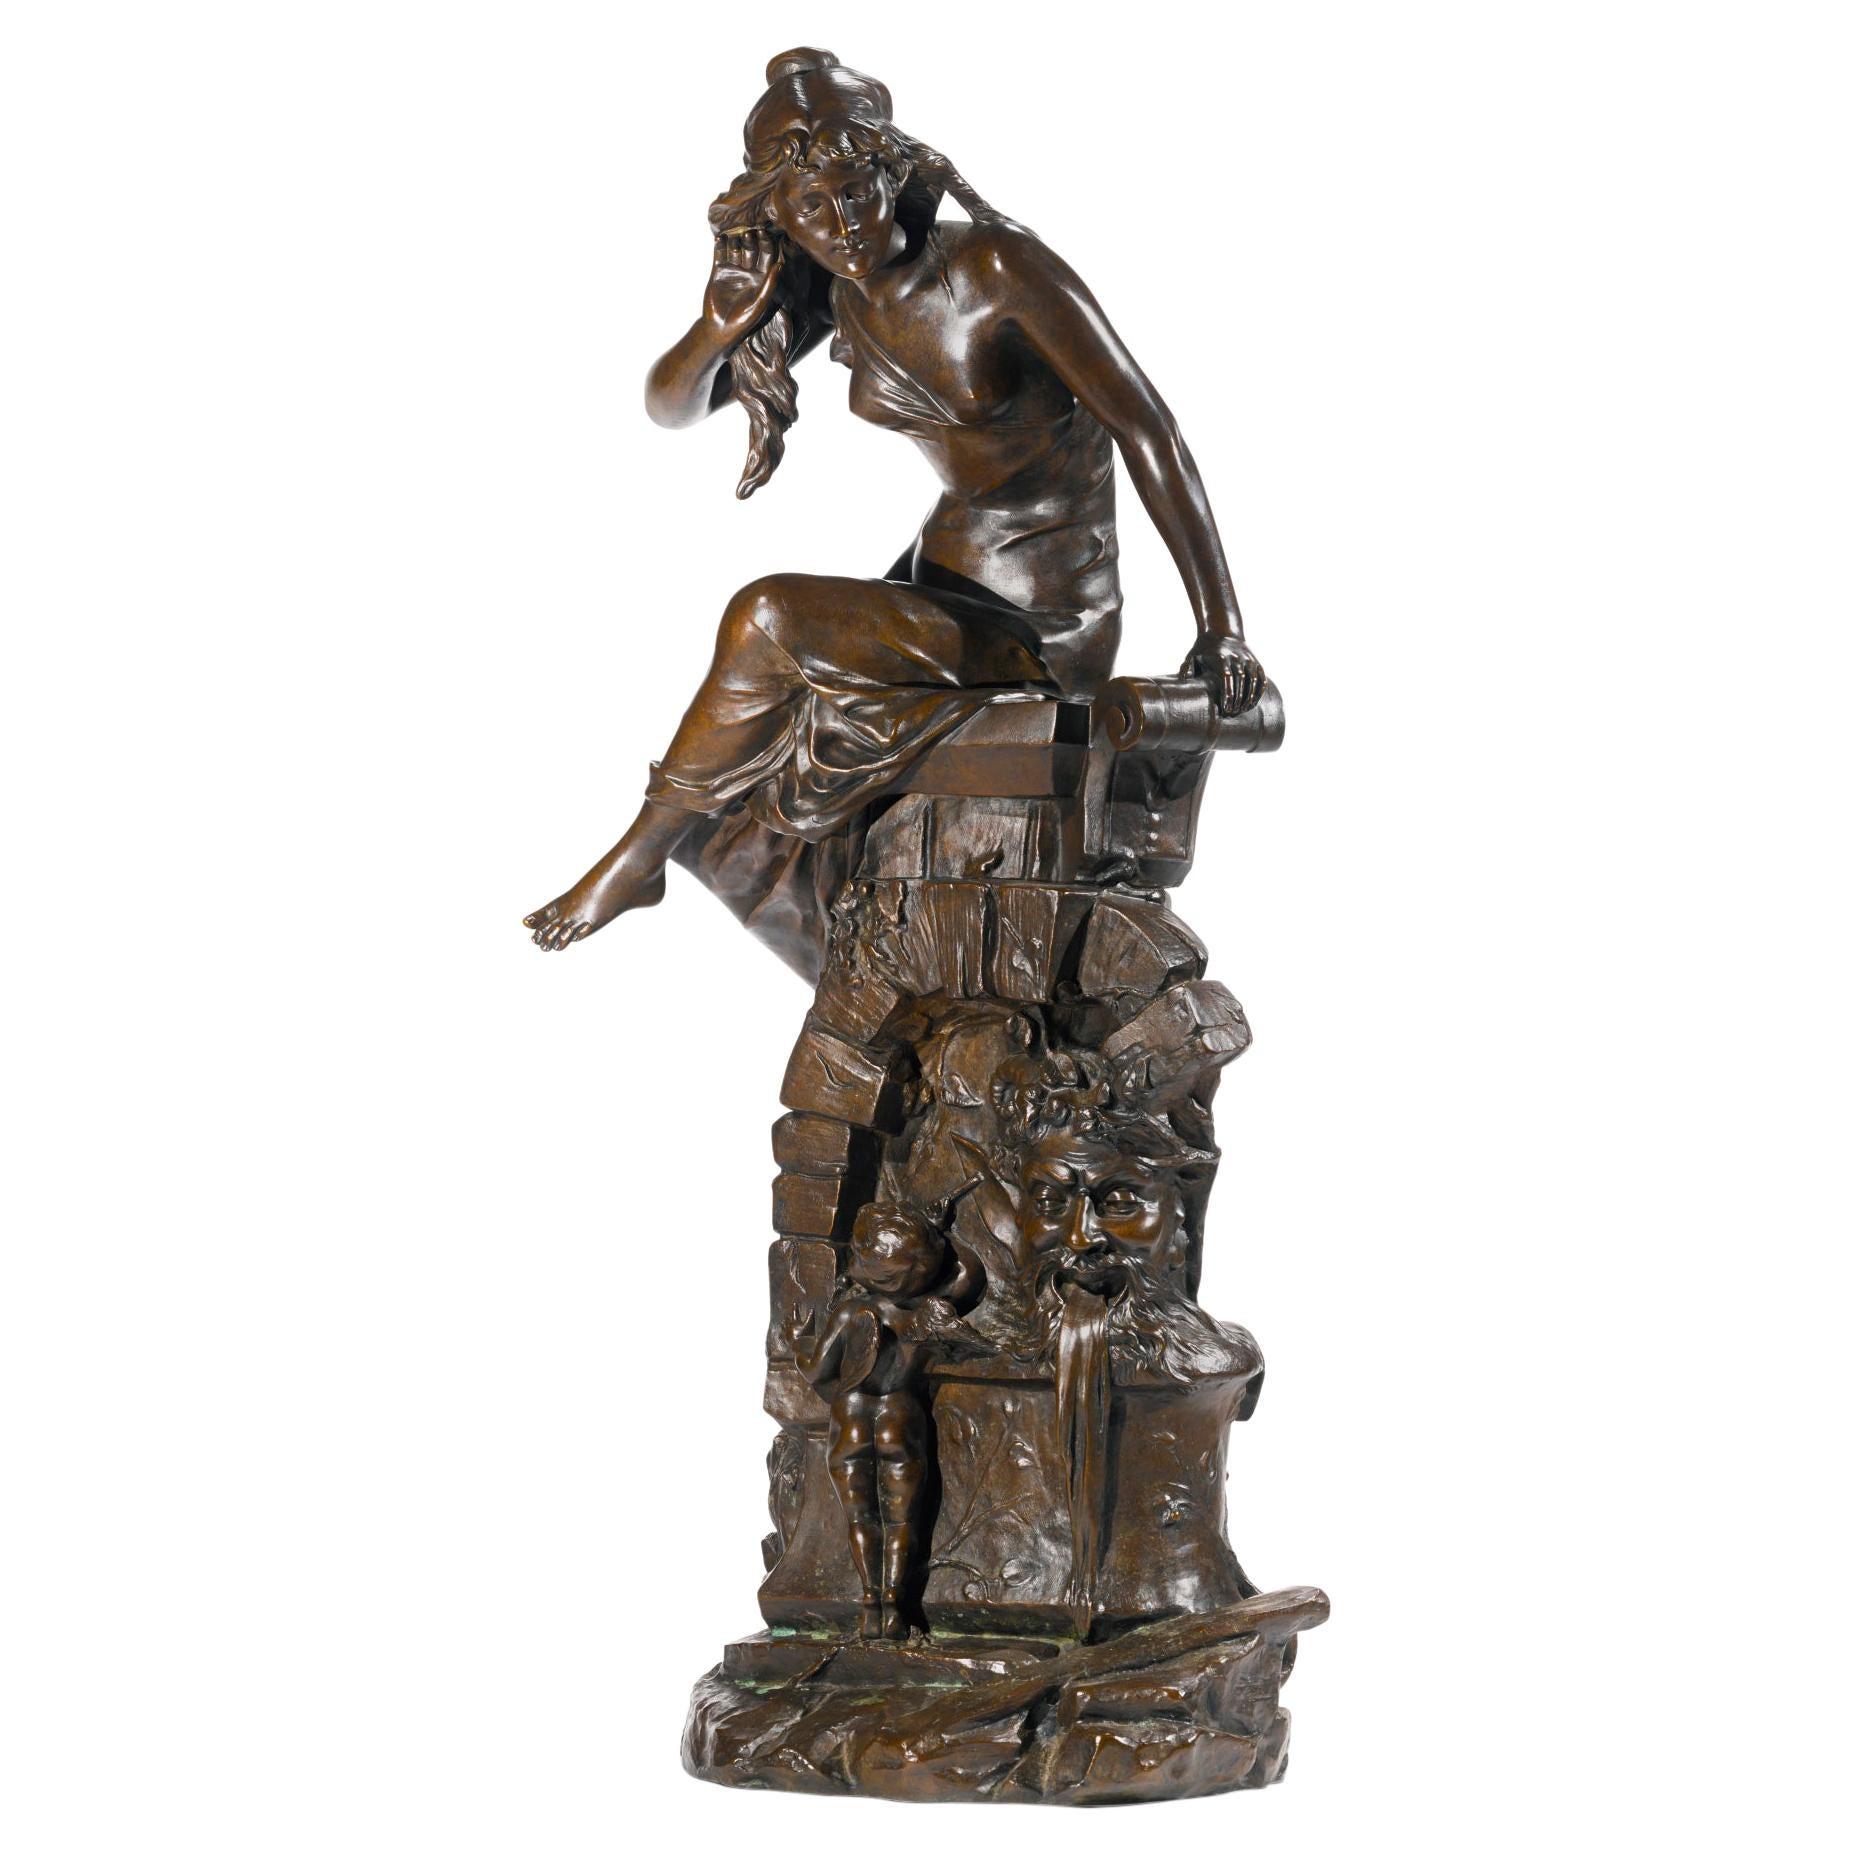 Fine Patinated Bronze Sculpture by Édouard Drouot